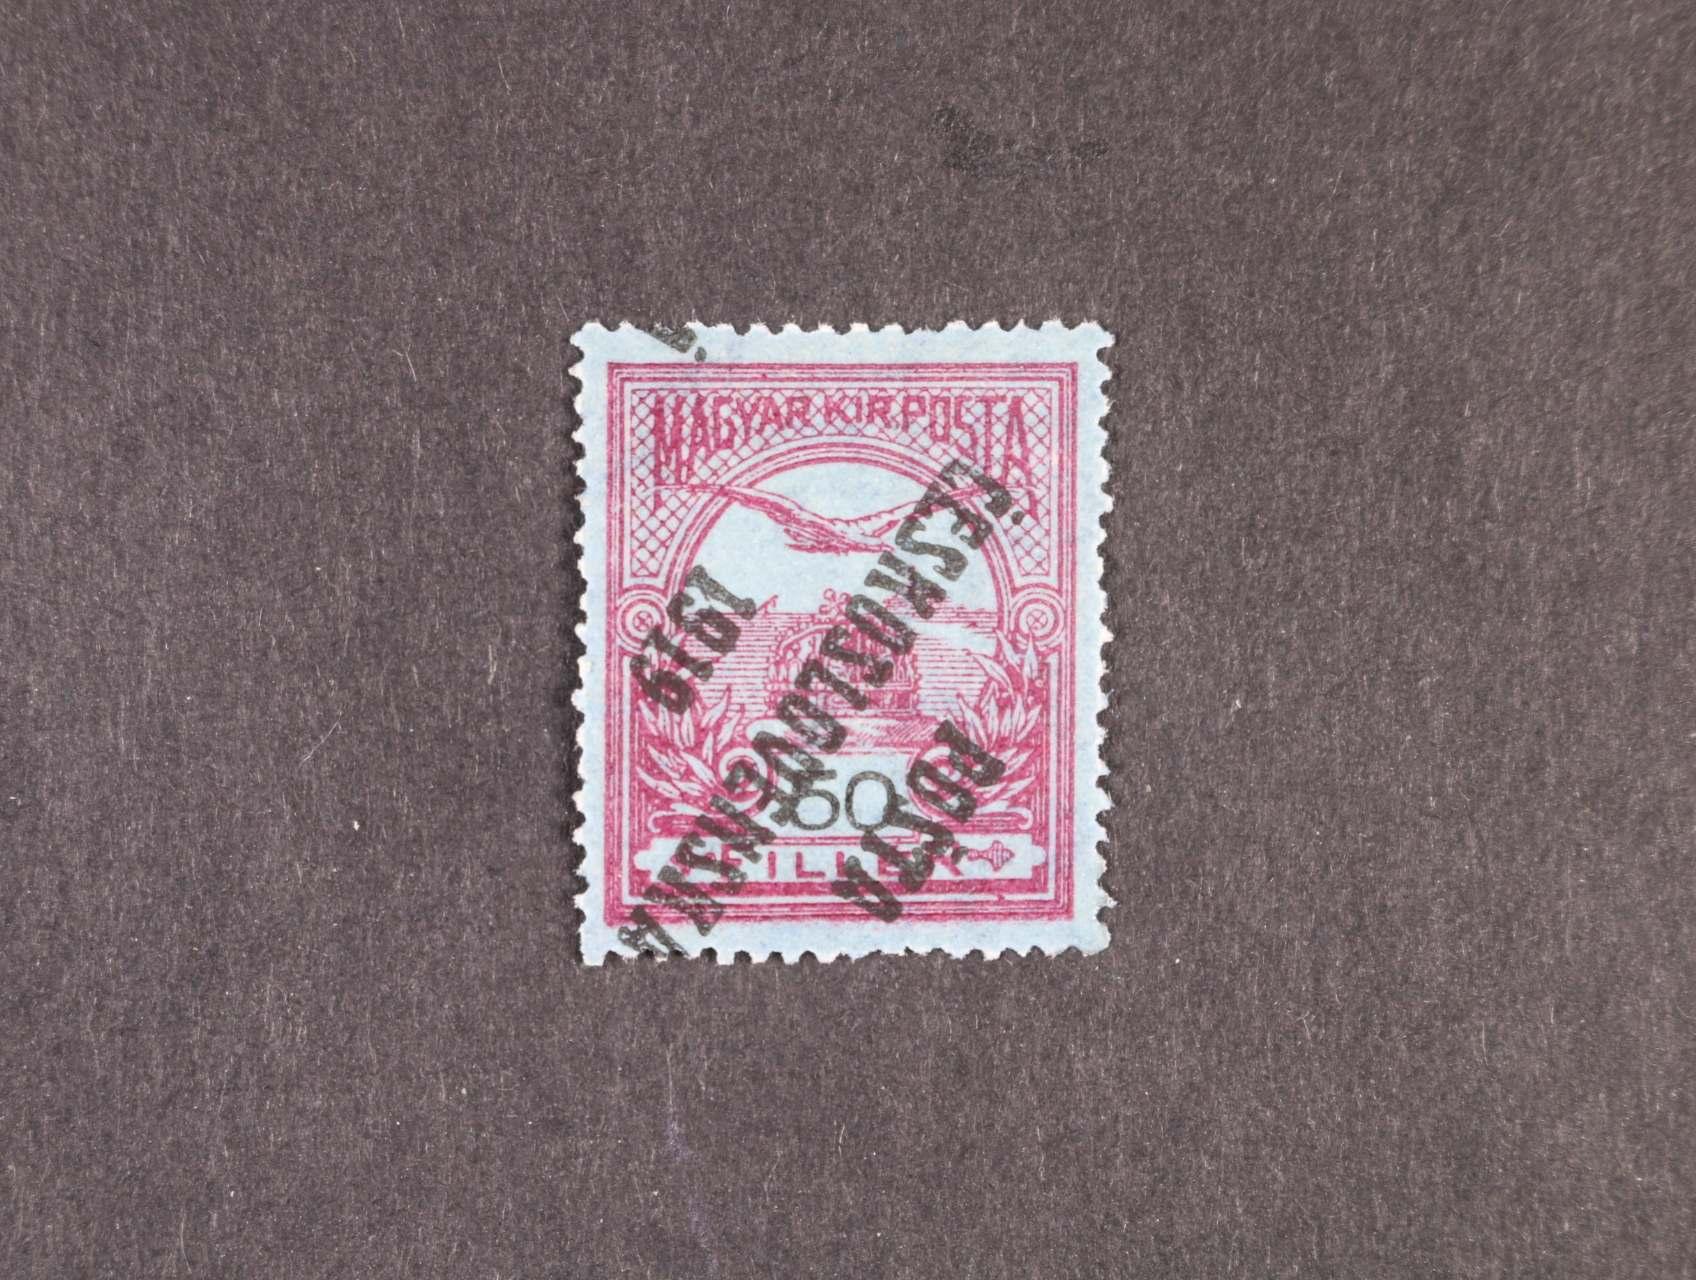 zn. č. 93 Pp převrácený přetisk II. typu, zk. Gilbert, kat. cena 15000 Kč